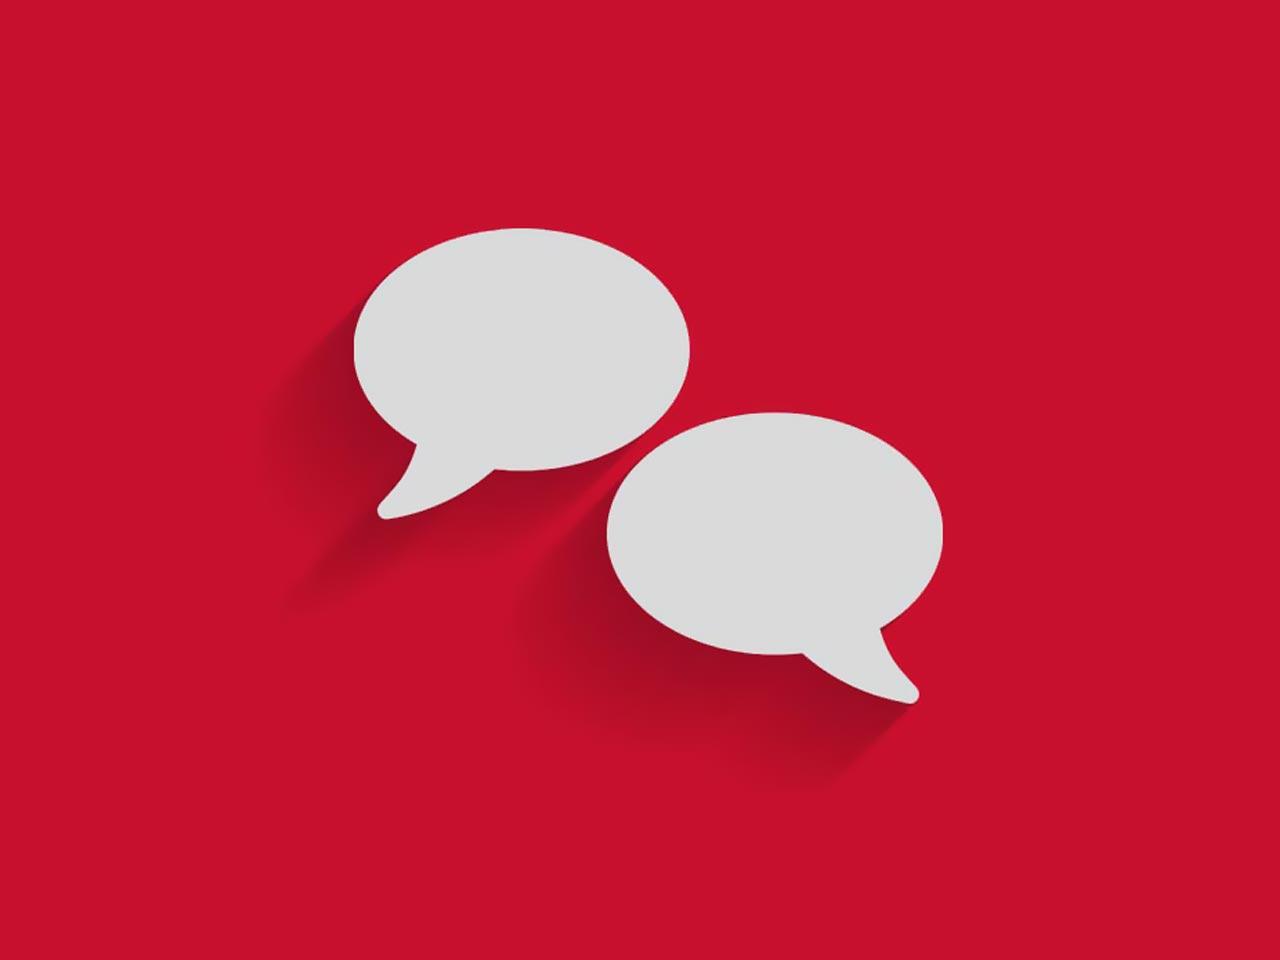 Leser fragen – Experten antworten: Tempolimits auch für Rettungsfahrzeuge?